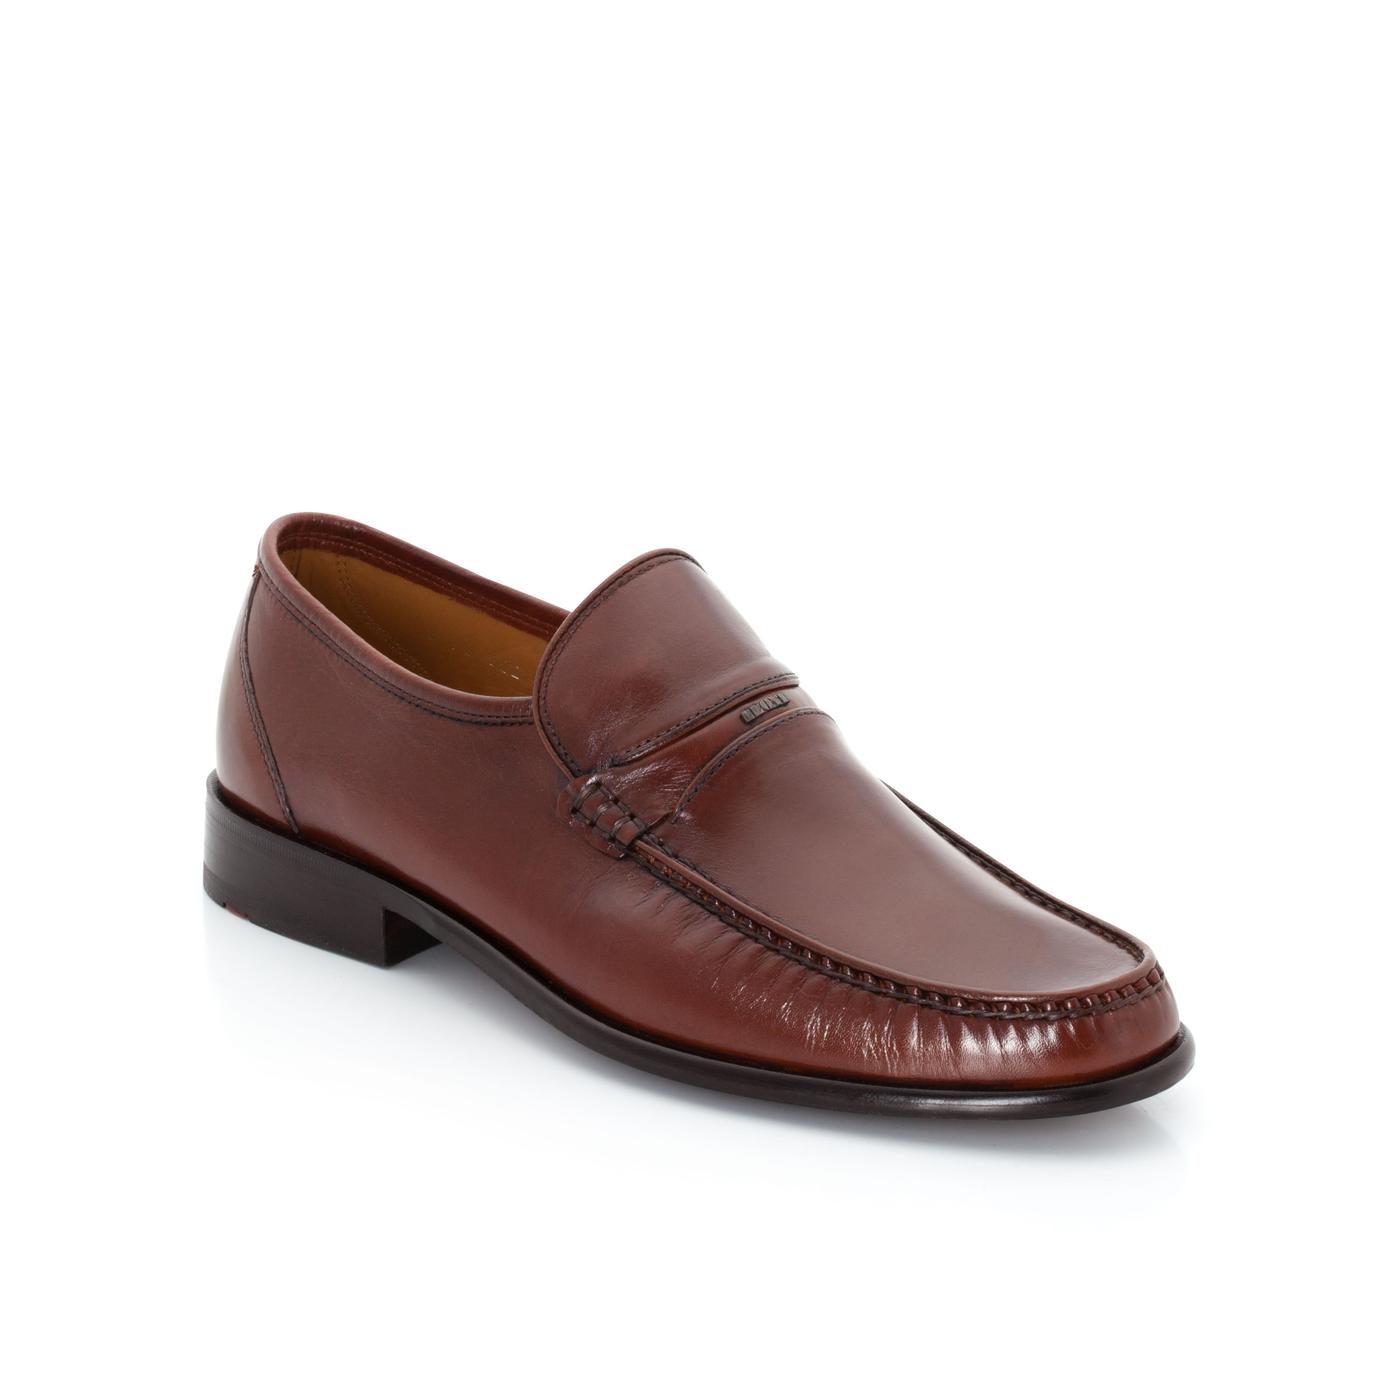 EGMOND | Schuhe > Slipper | Braun | Glattleder -  leder | LLOYD